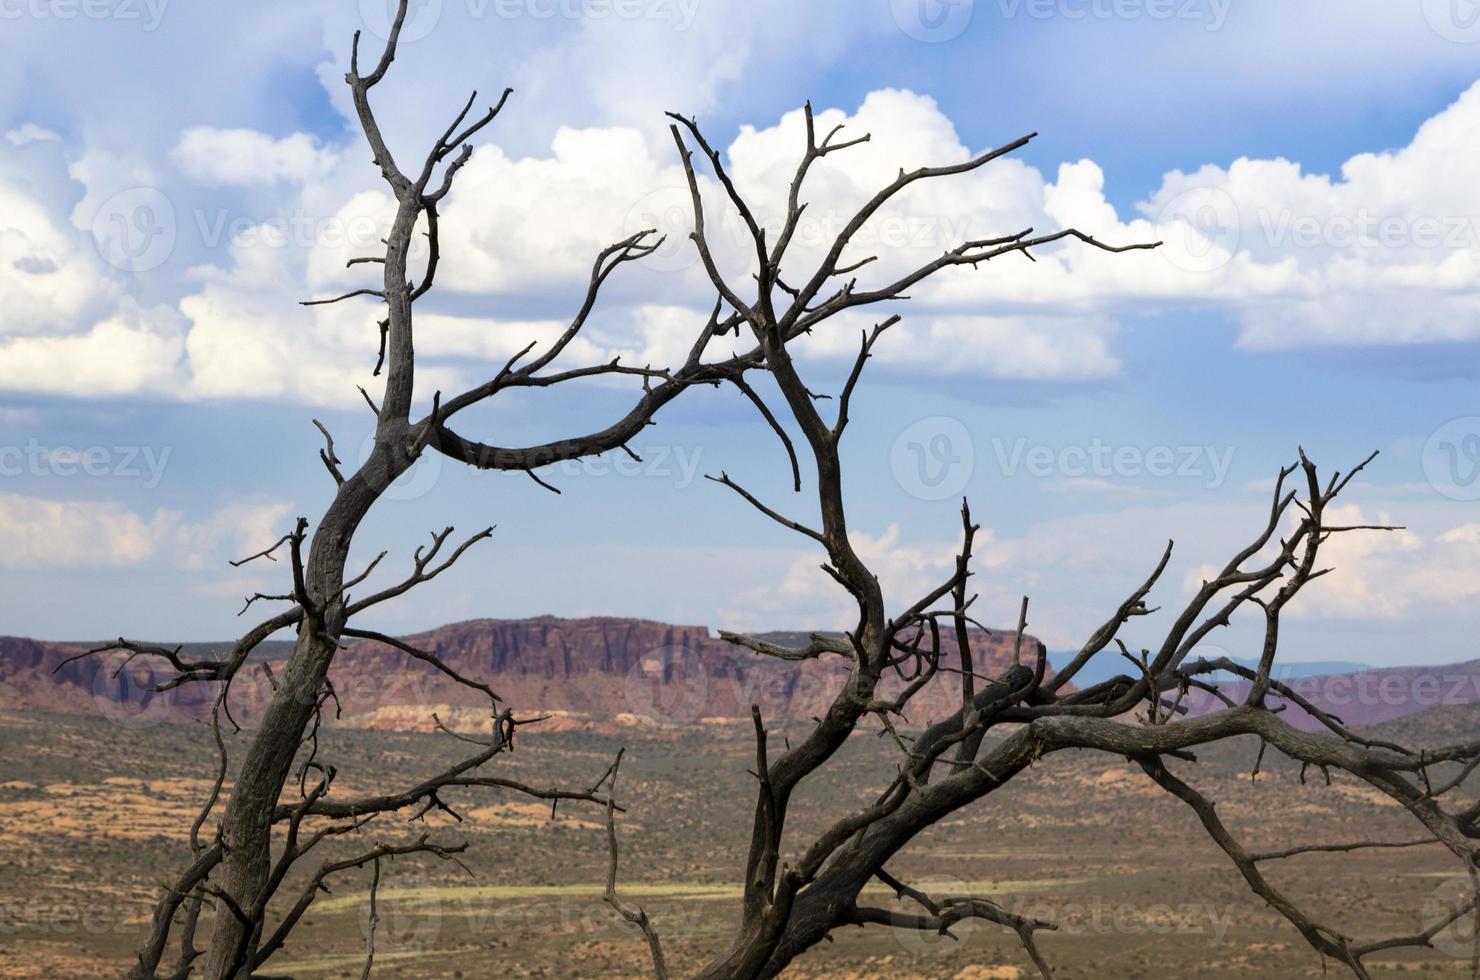 paisagem do deserto de árvore morta foto